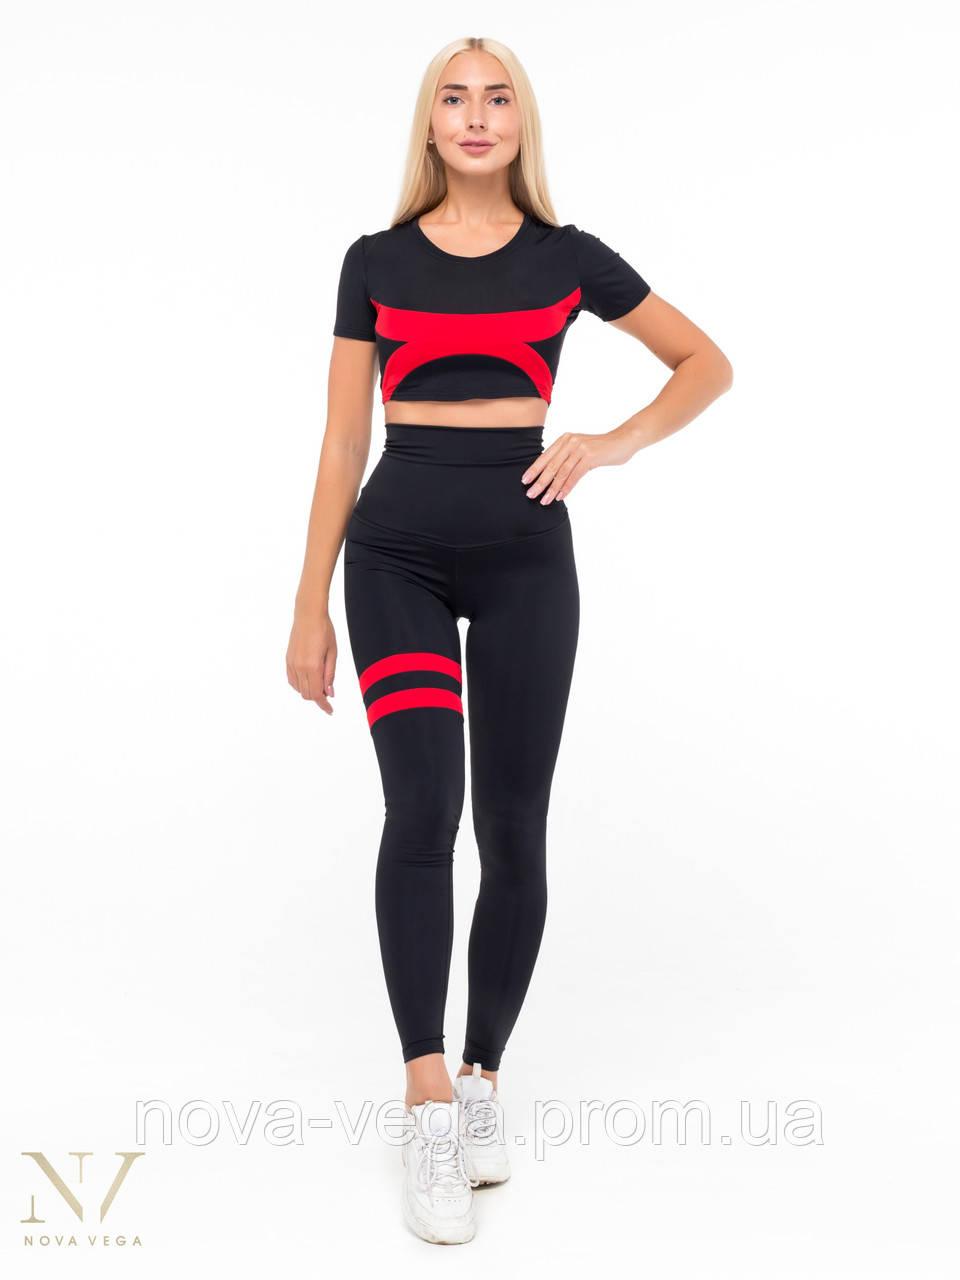 Спортивный комплект для фитнеса Adel Black&Red